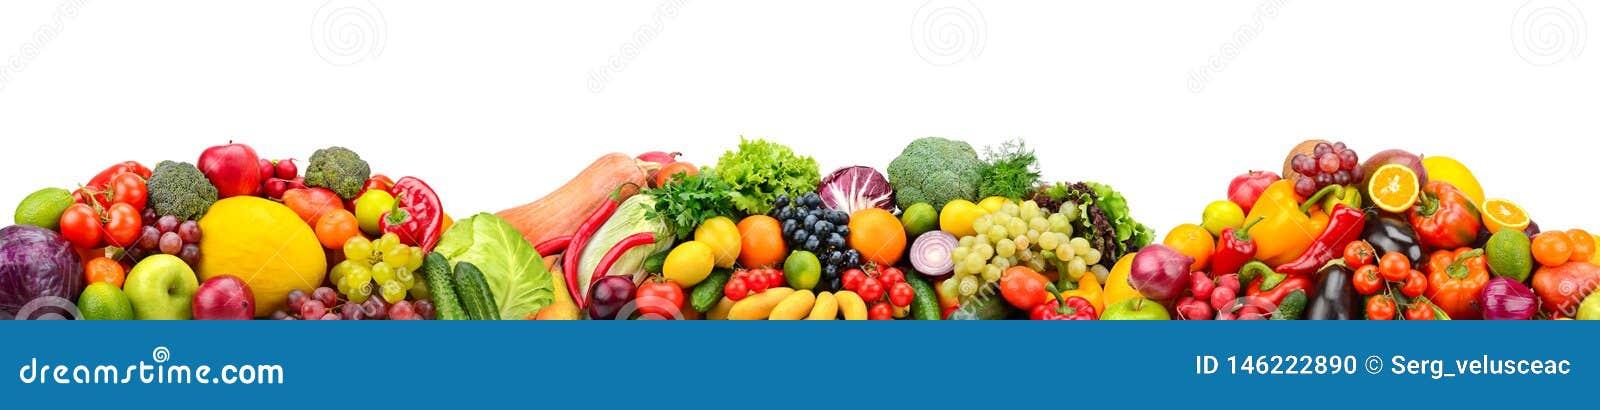 Frische Obst und Gemüse des Panoramas lokalisiert auf weißem Hintergrund